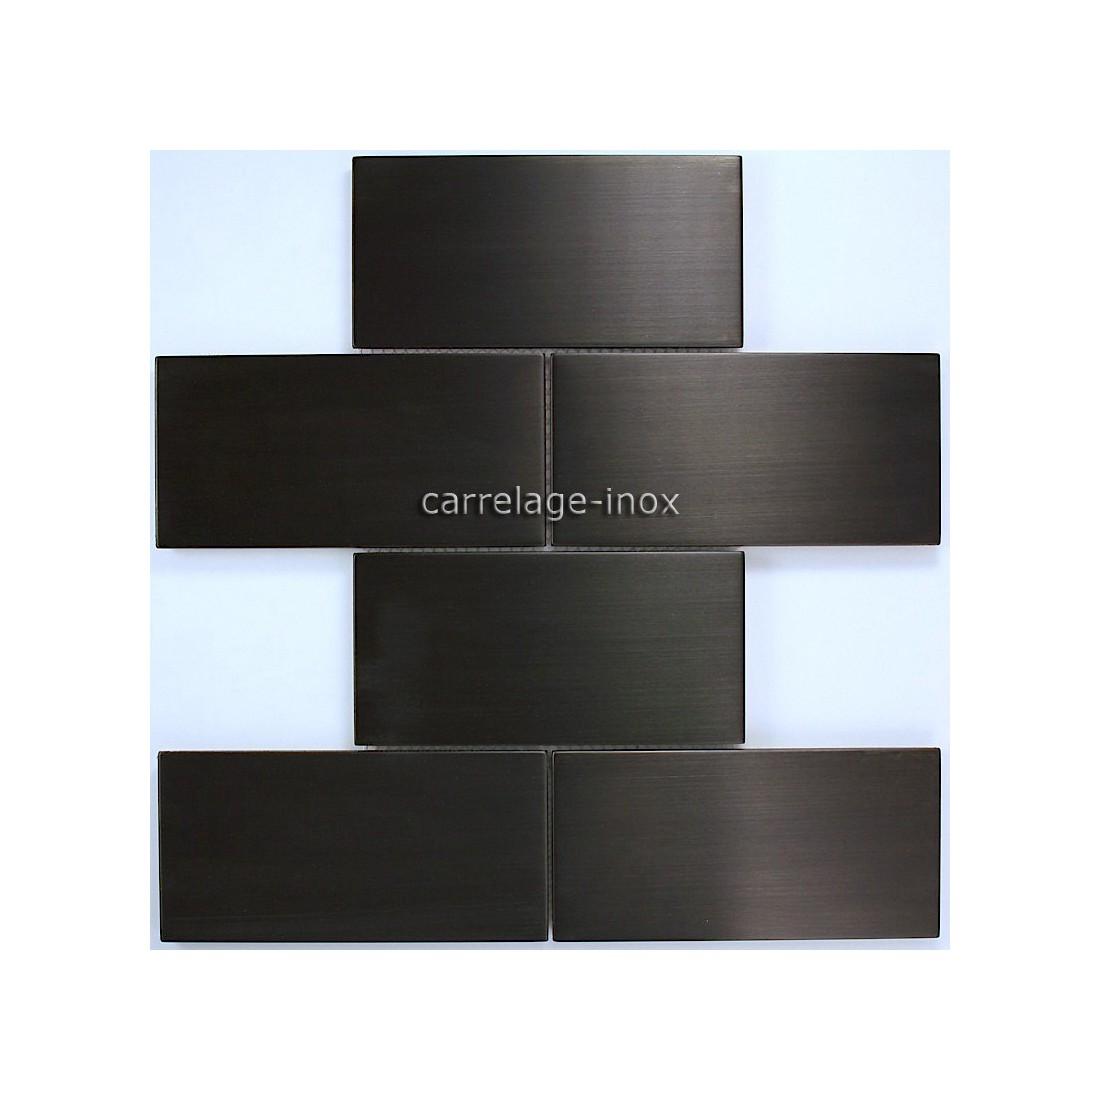 Carrelage mosaique inox bross noir cuisine brique150 noir for Carrelage noir